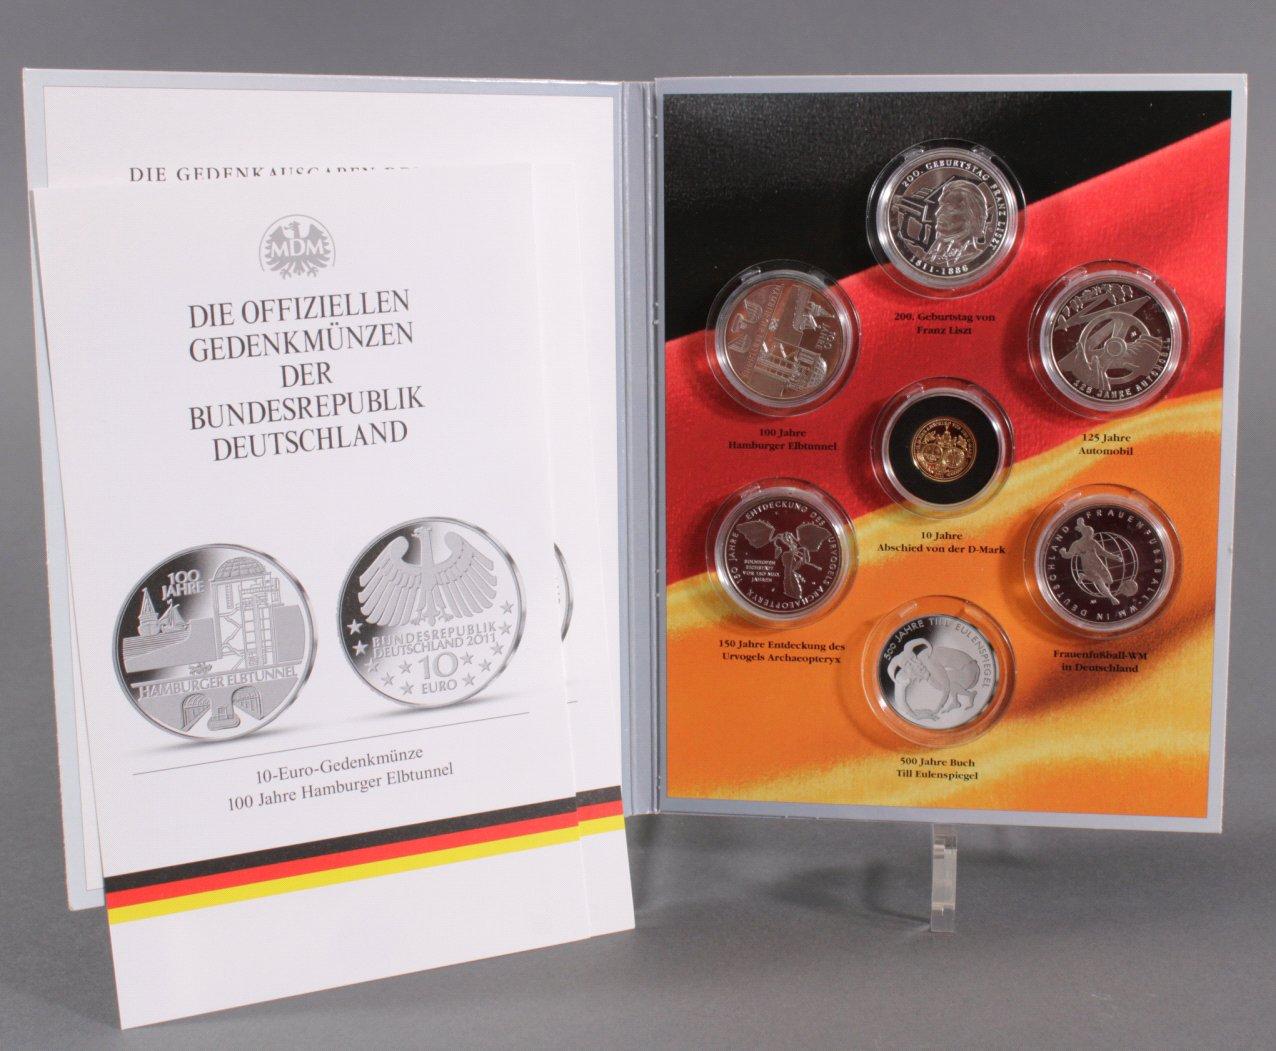 Die Gedenkausgaben des Jahres 2011, mit Goldmünze